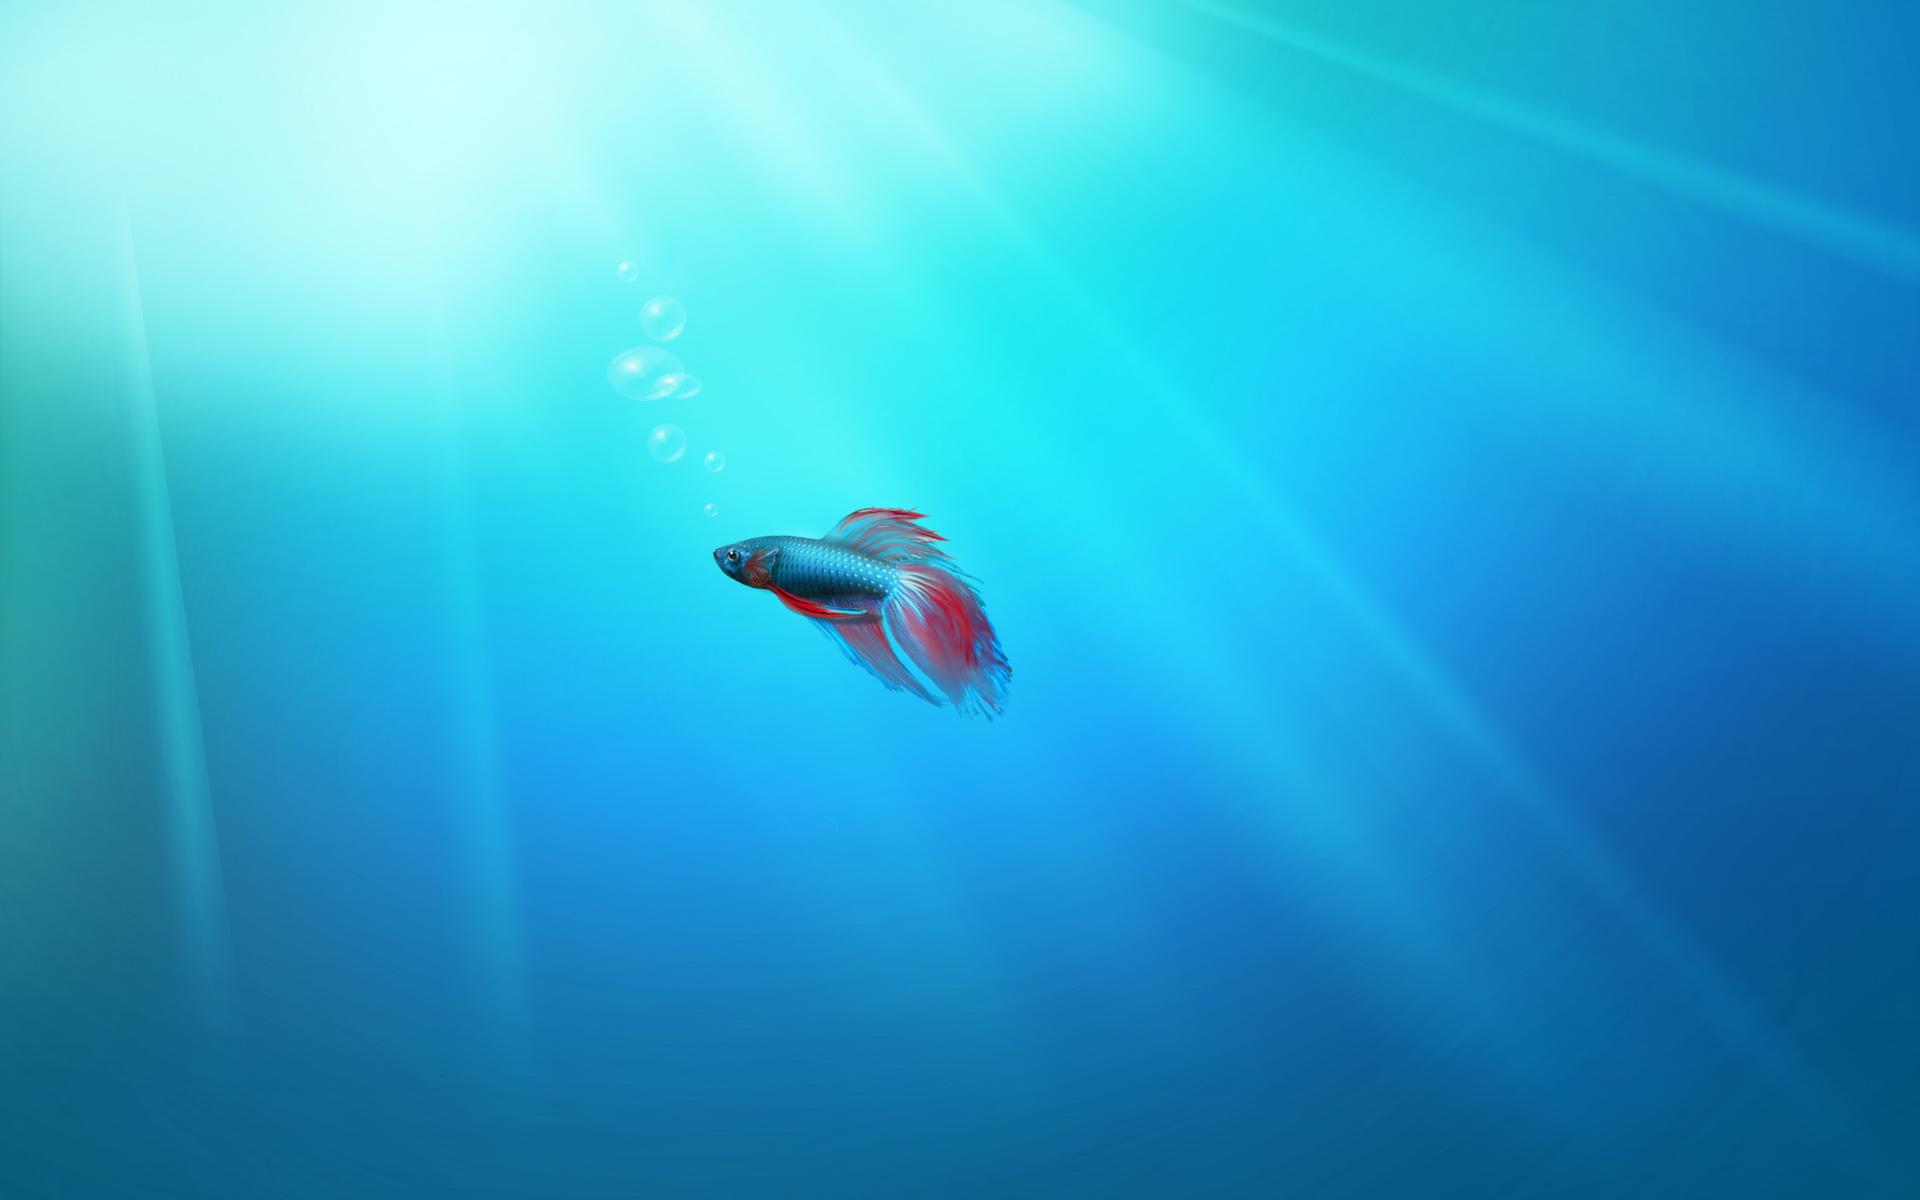 Windows 8 Fish Wallpaper 1920x1200